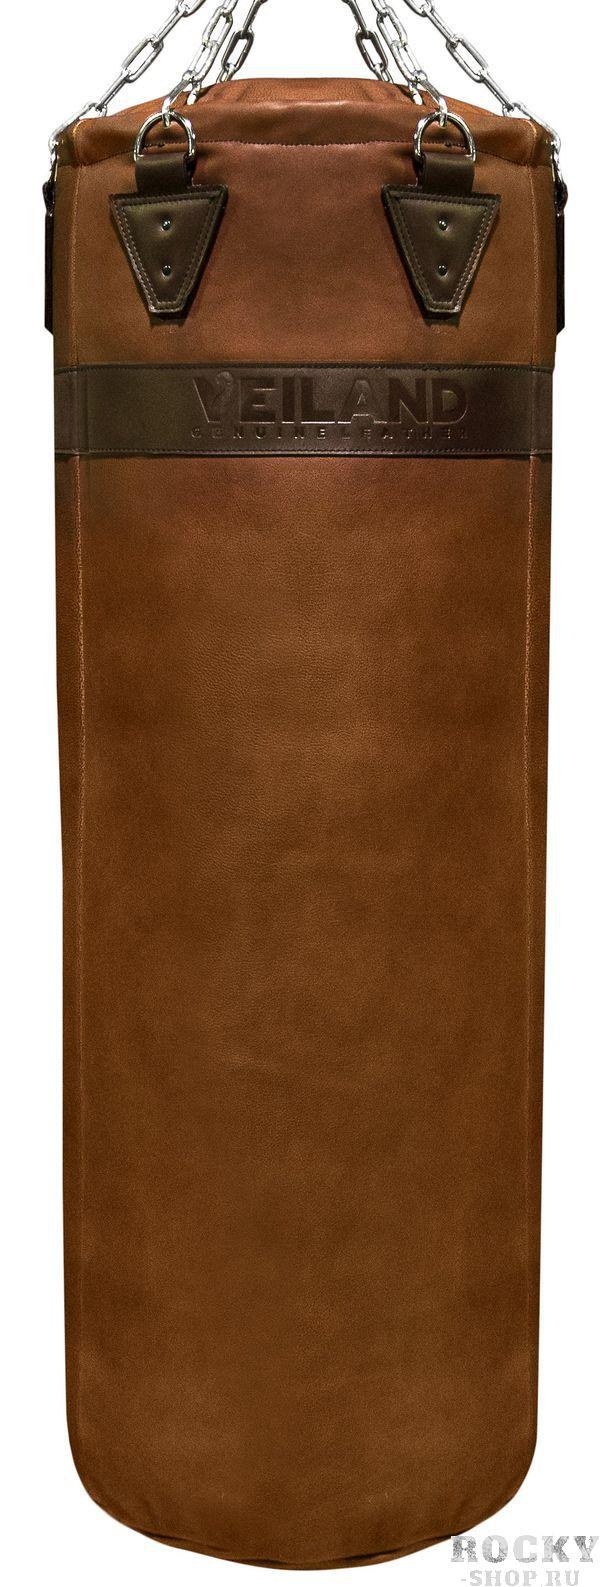 Профессиональный боксерский мешок Veiland, кожа, 160х45см, 80кг Veiland